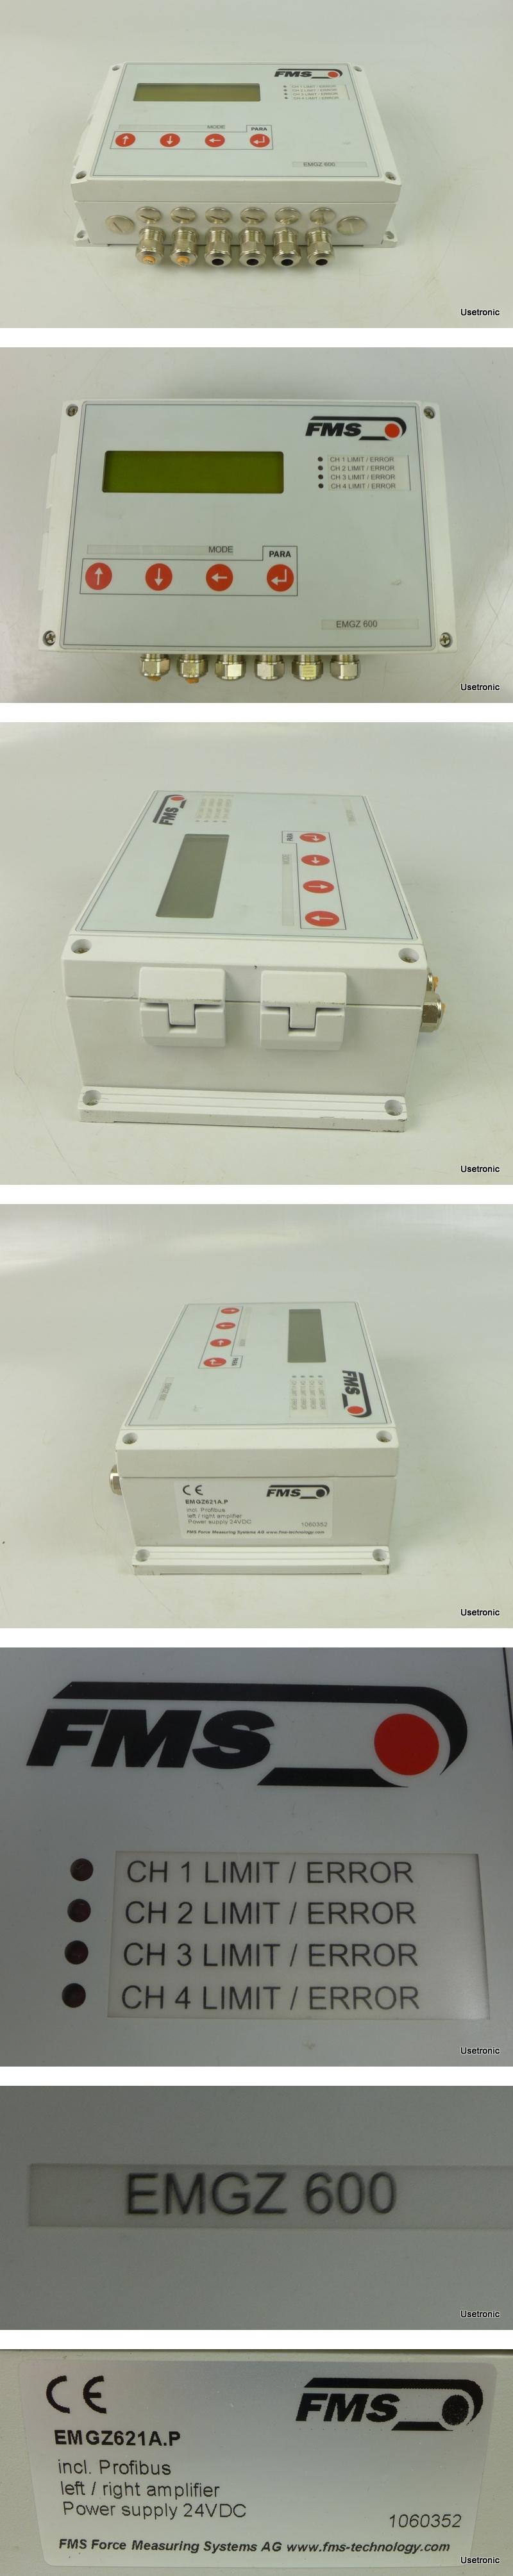 FMS EMGZ 600